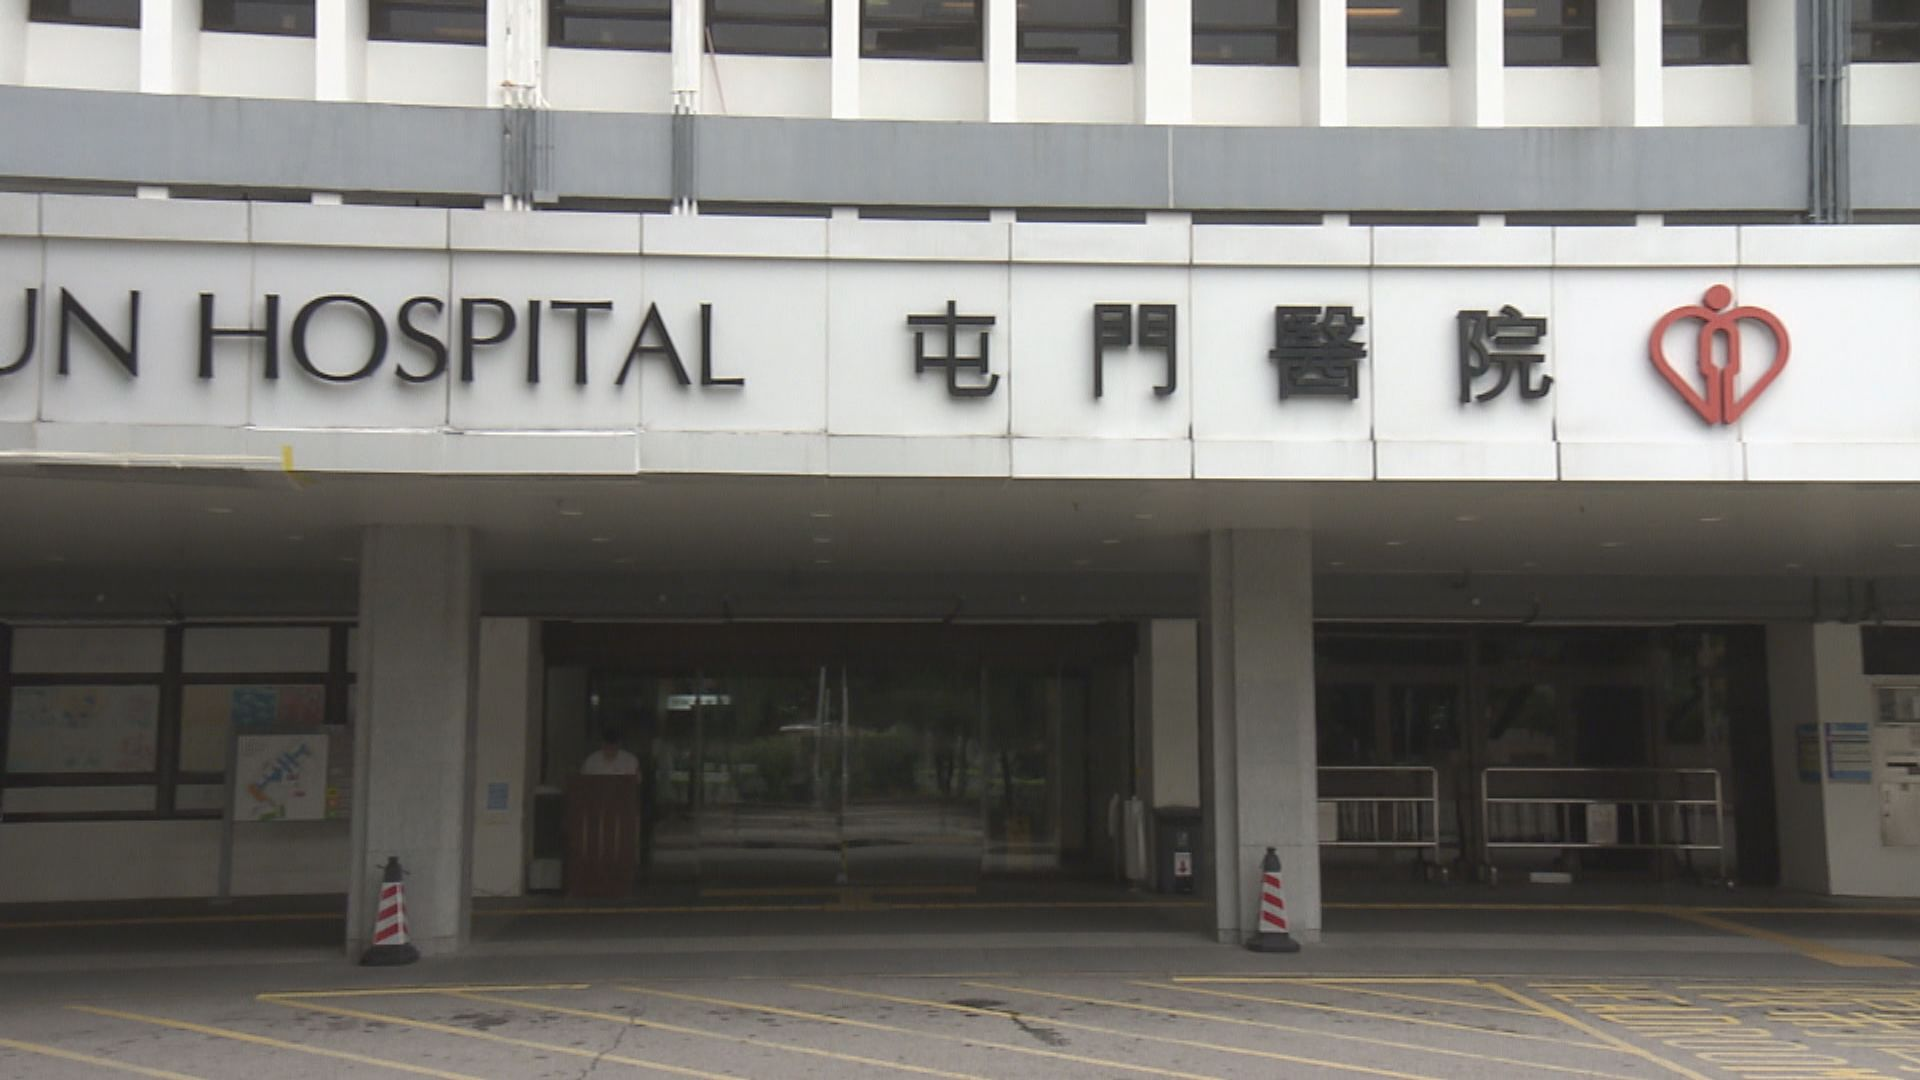 屯門醫院一名病人自行離院後倒臥路邊 送院搶救不治